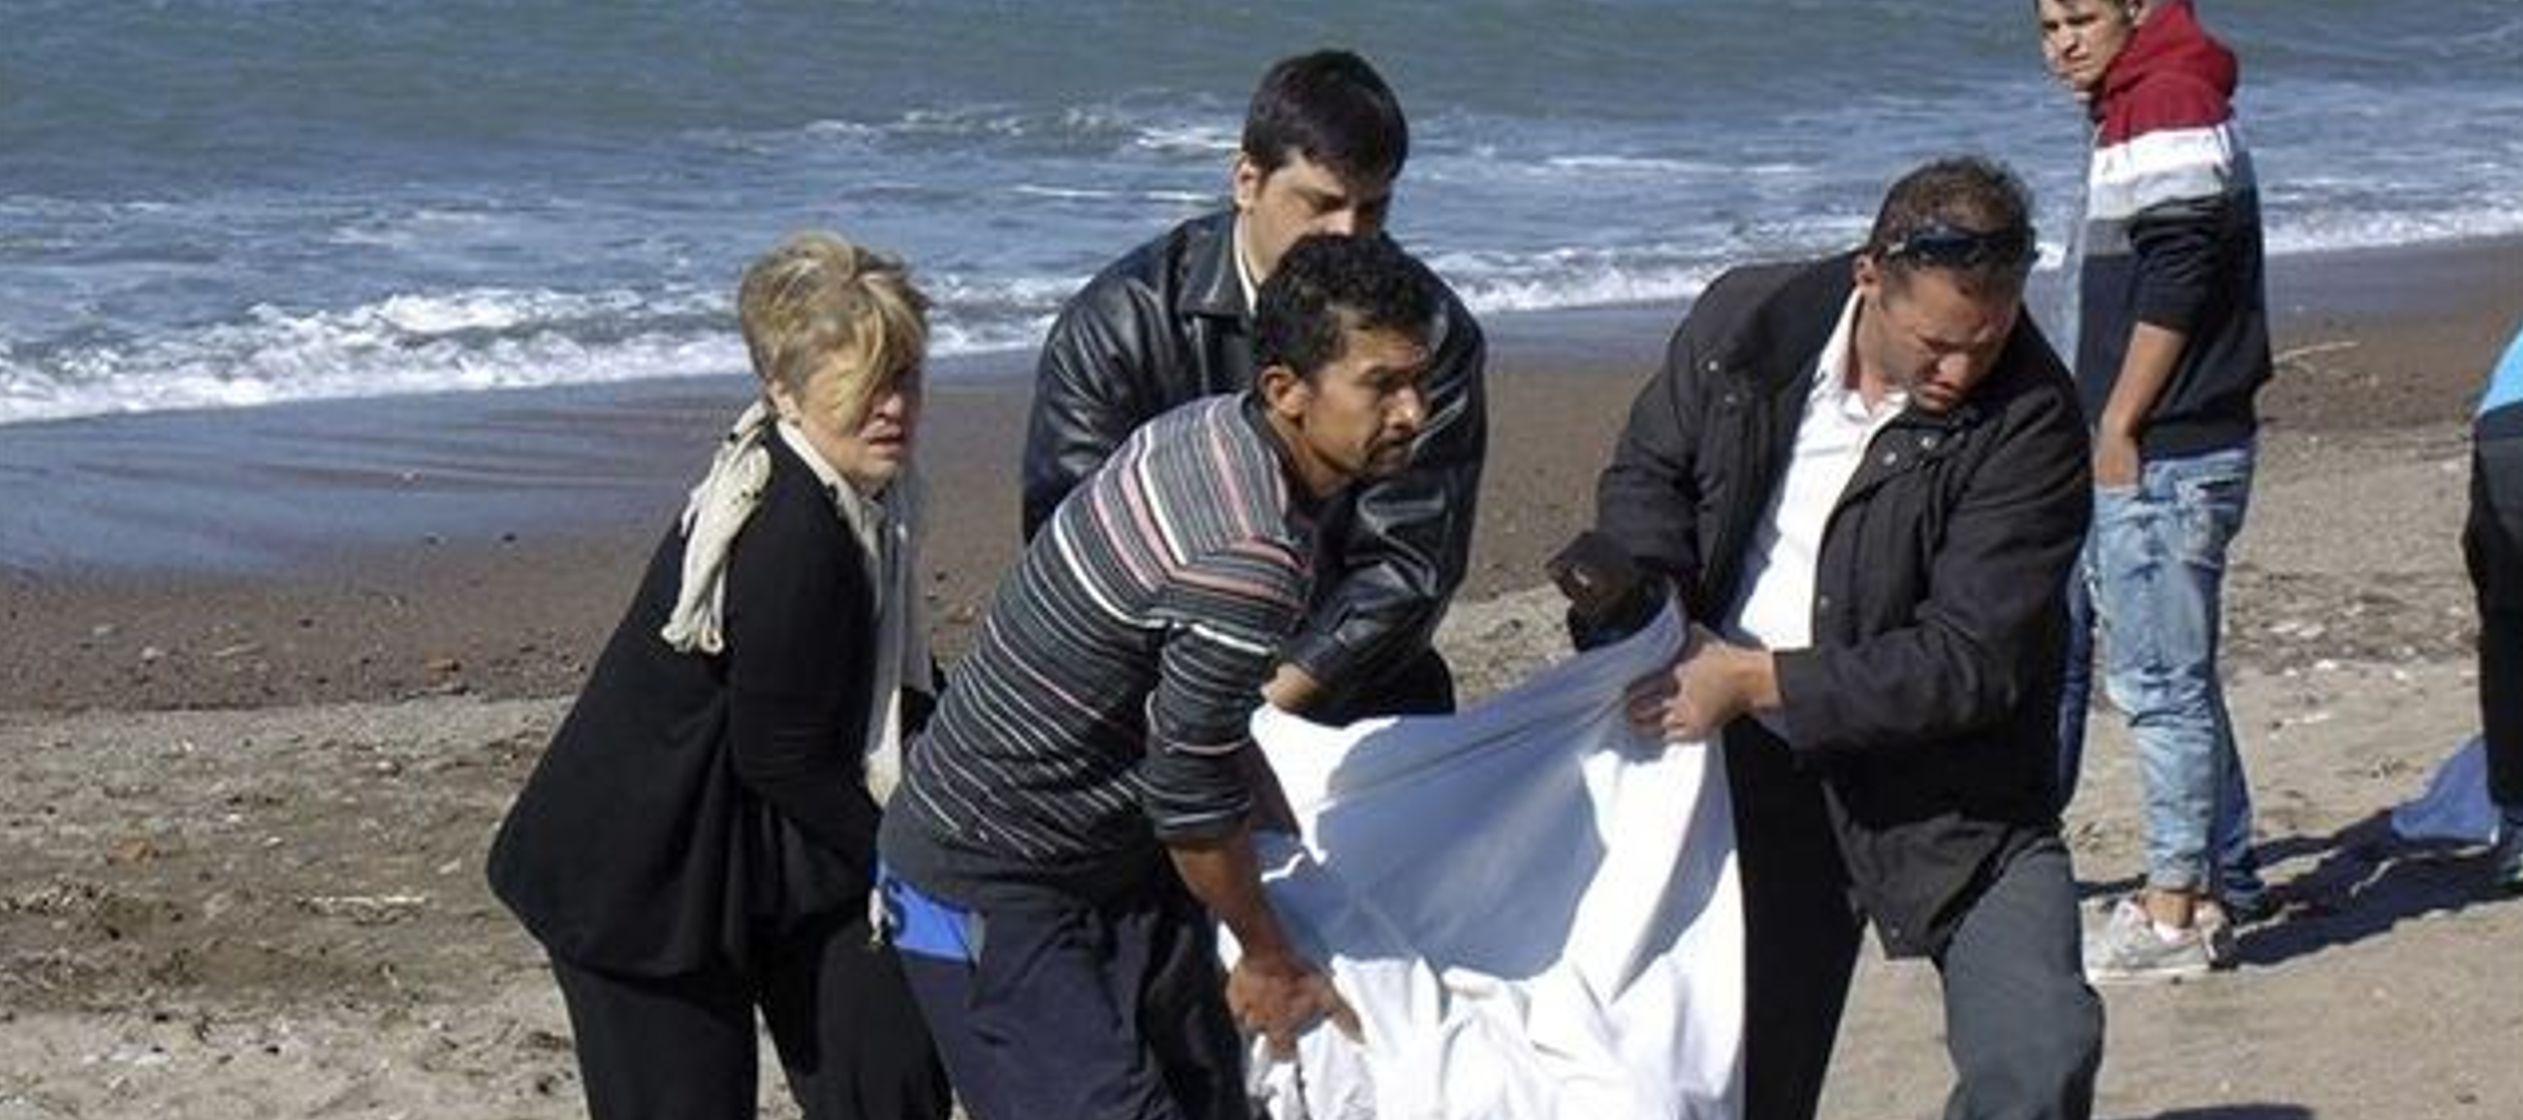 Hallan 19 cuerpos tras naufragio de migrantes africanos en Colombia